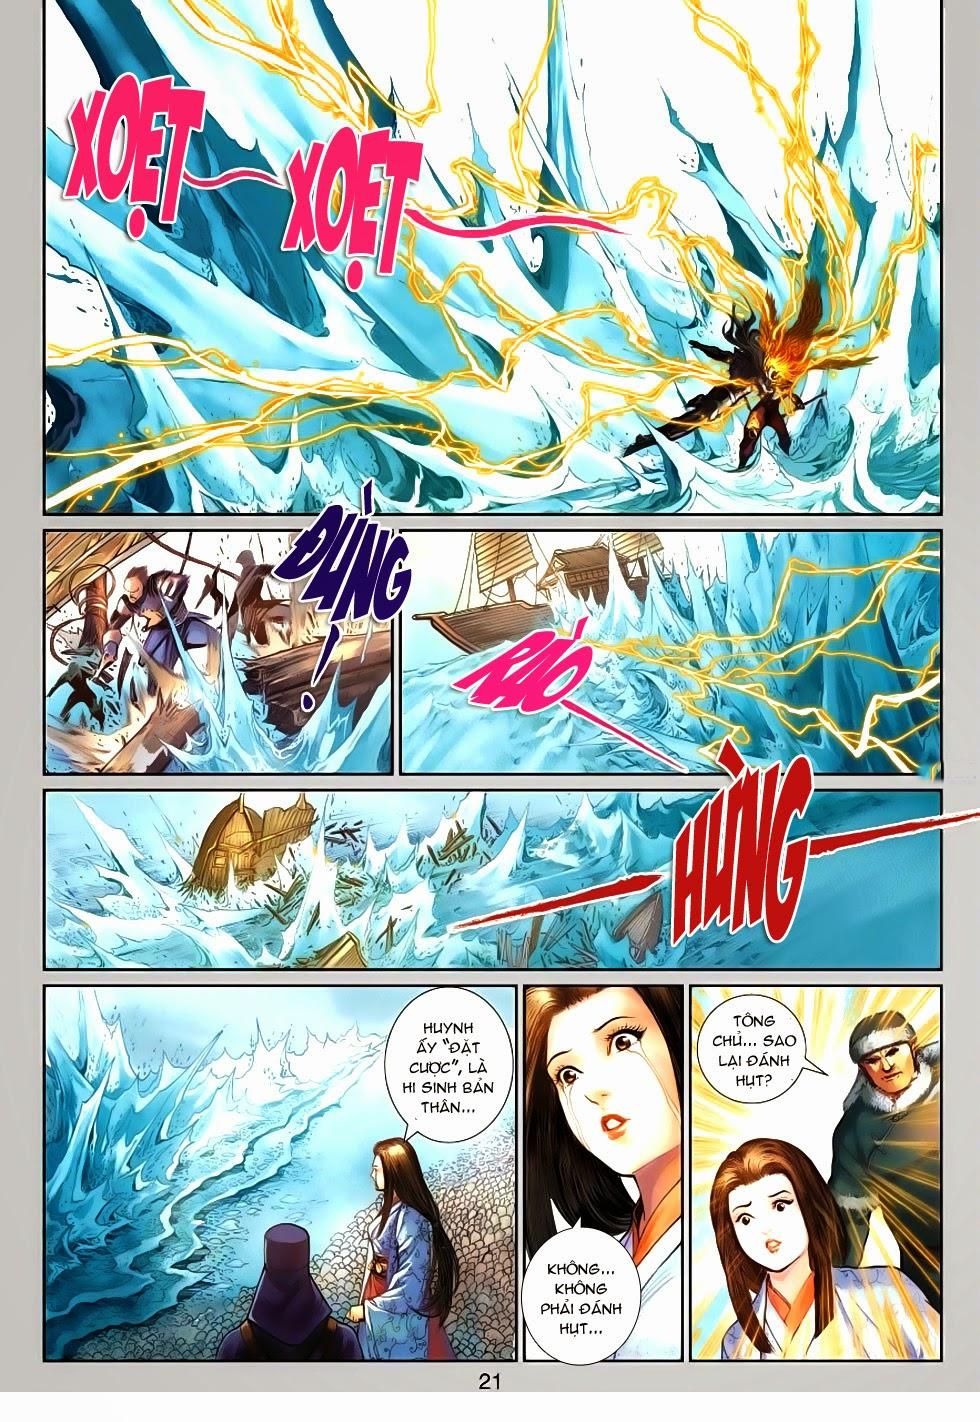 Thần Binh Tiền Truyện 4 - Huyền Thiên Tà Đế chap 13 - Trang 21